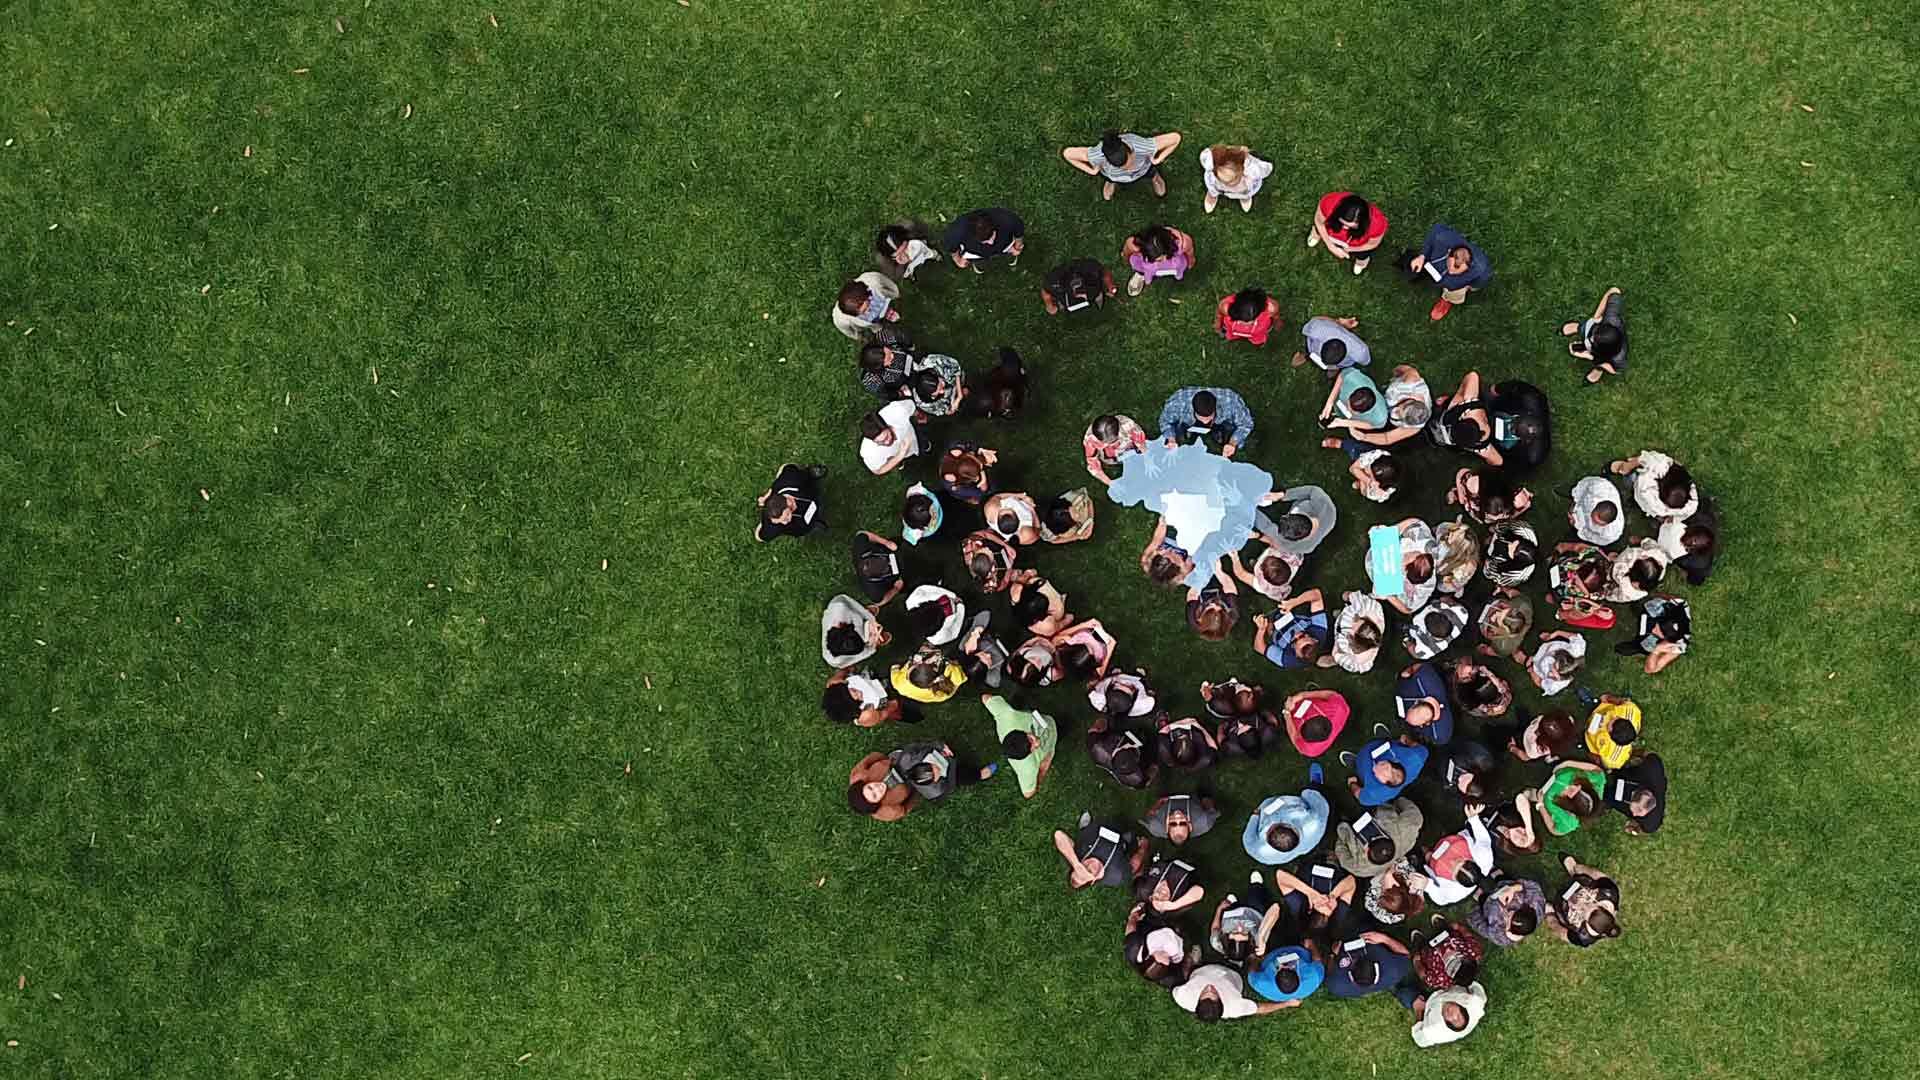 100 dos melhores professores debatem educação